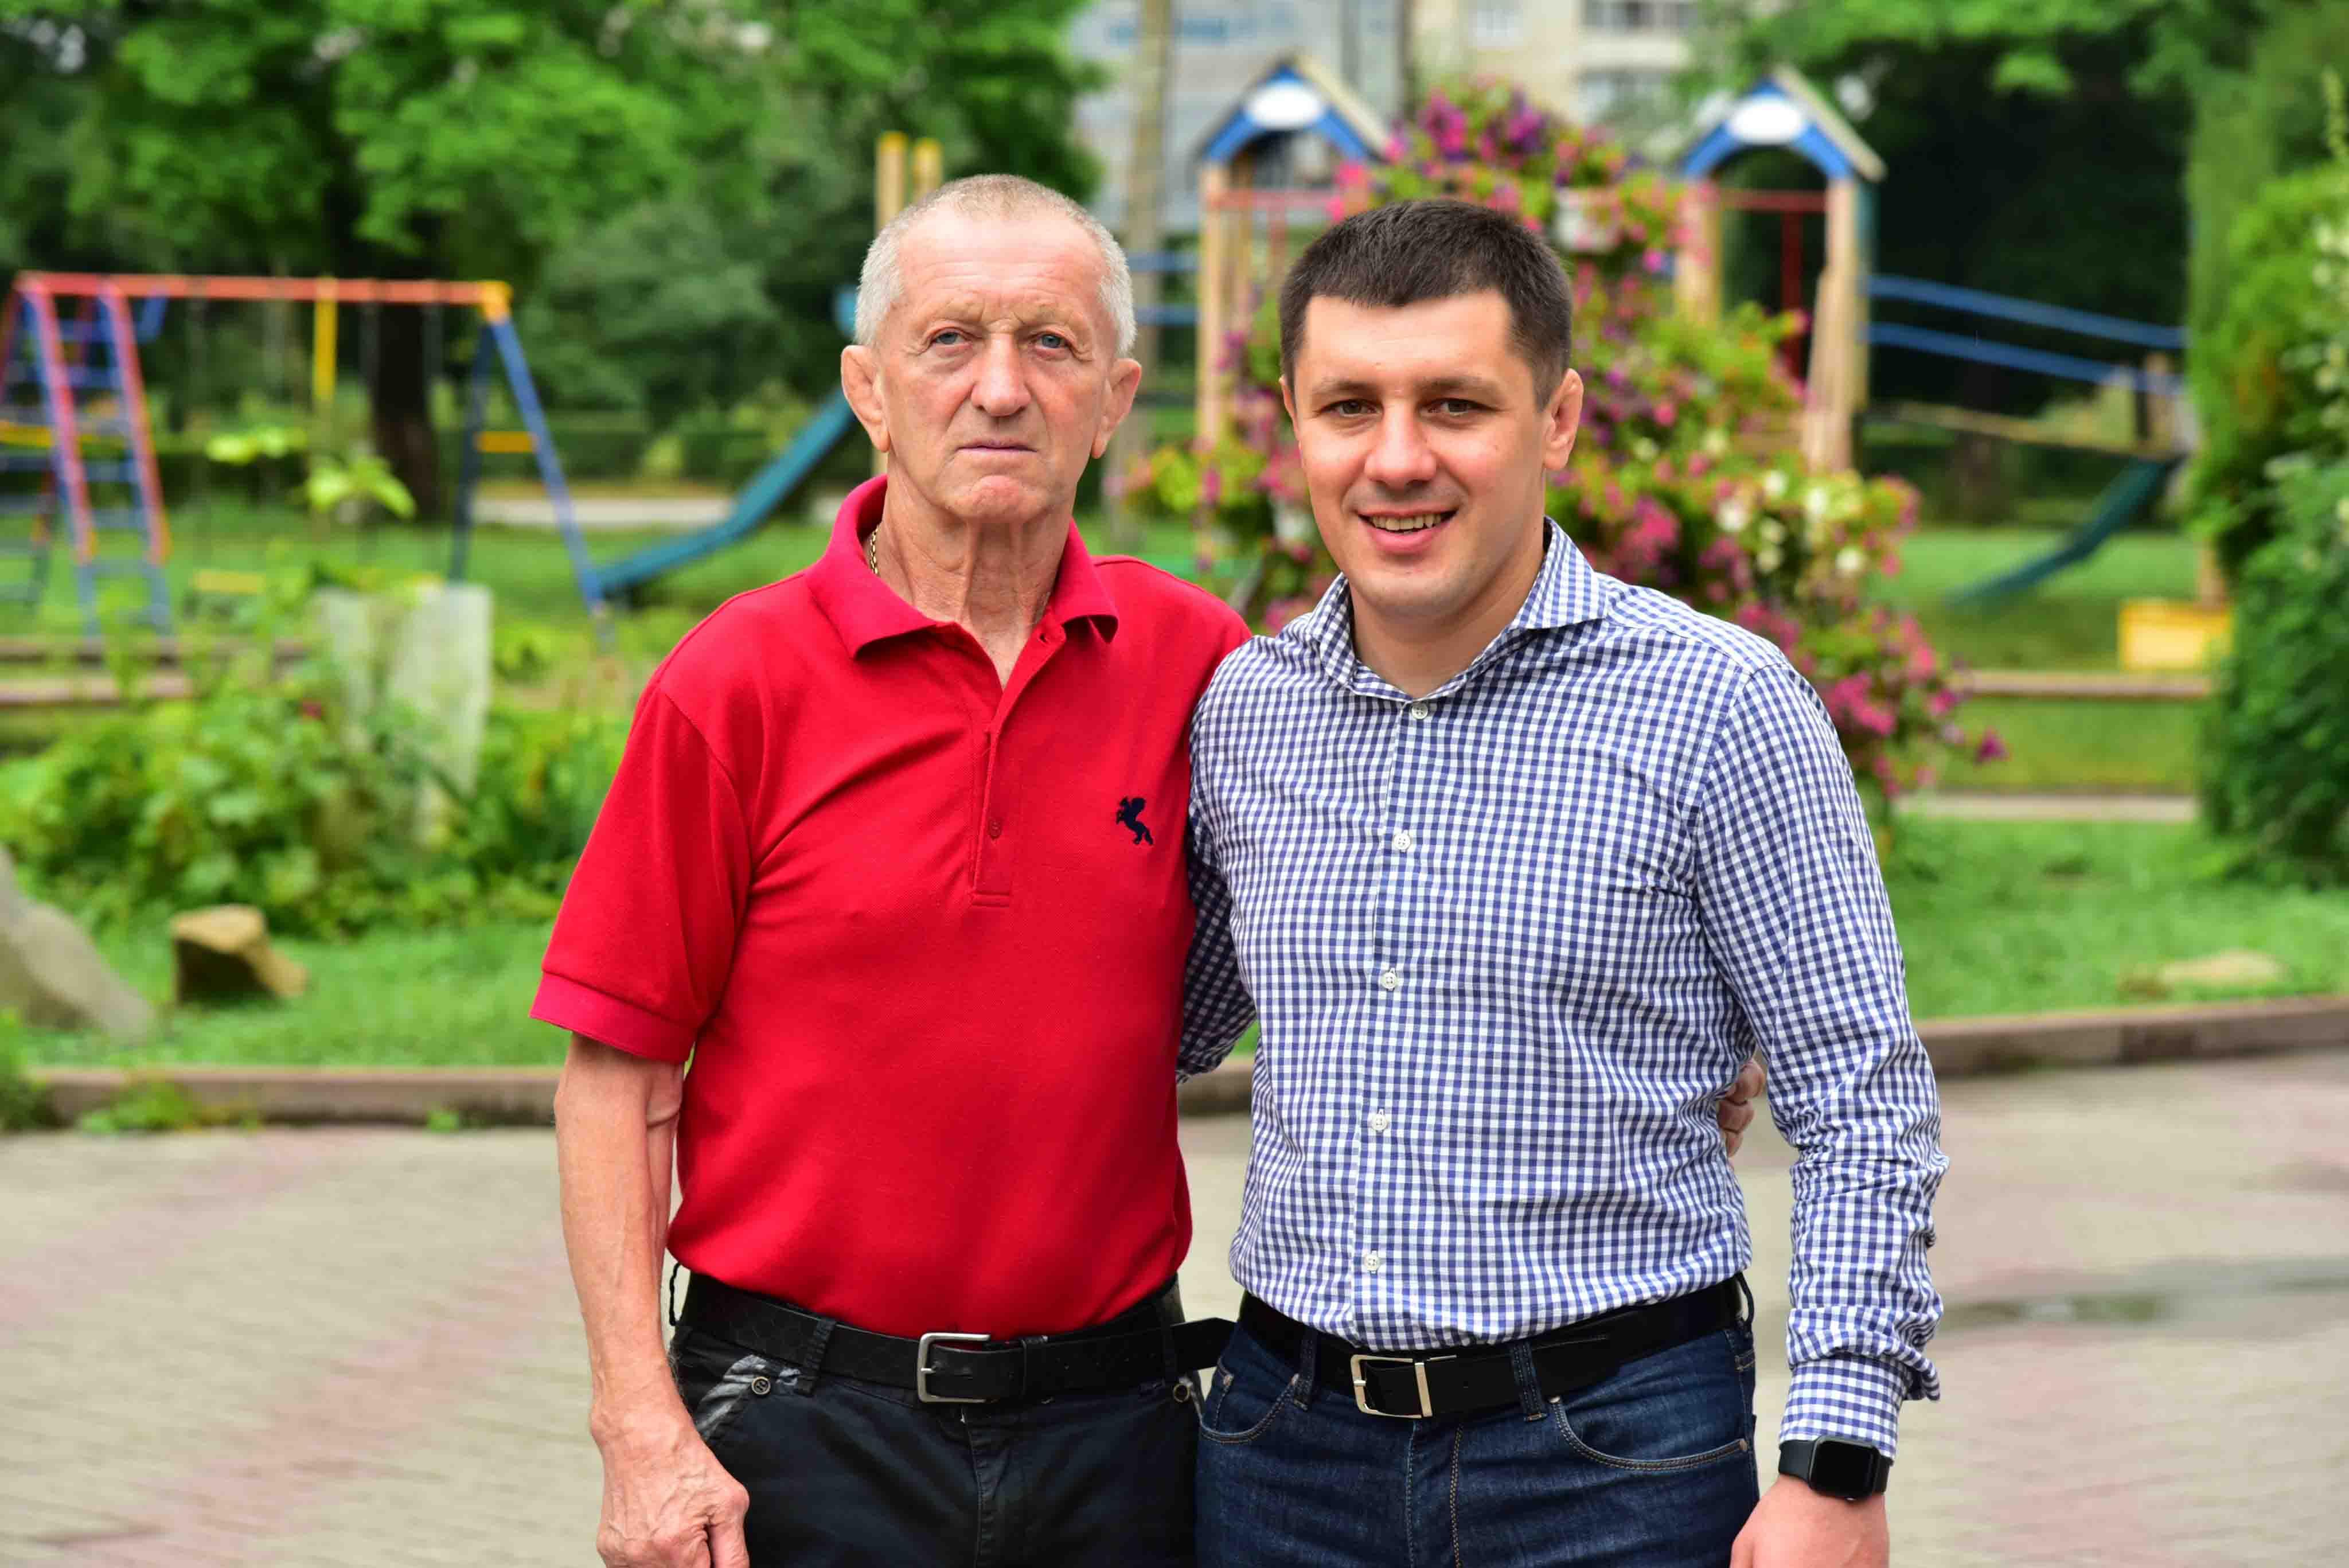 Едуарда Прощука підтримав легендарний тренер Ігор Барна